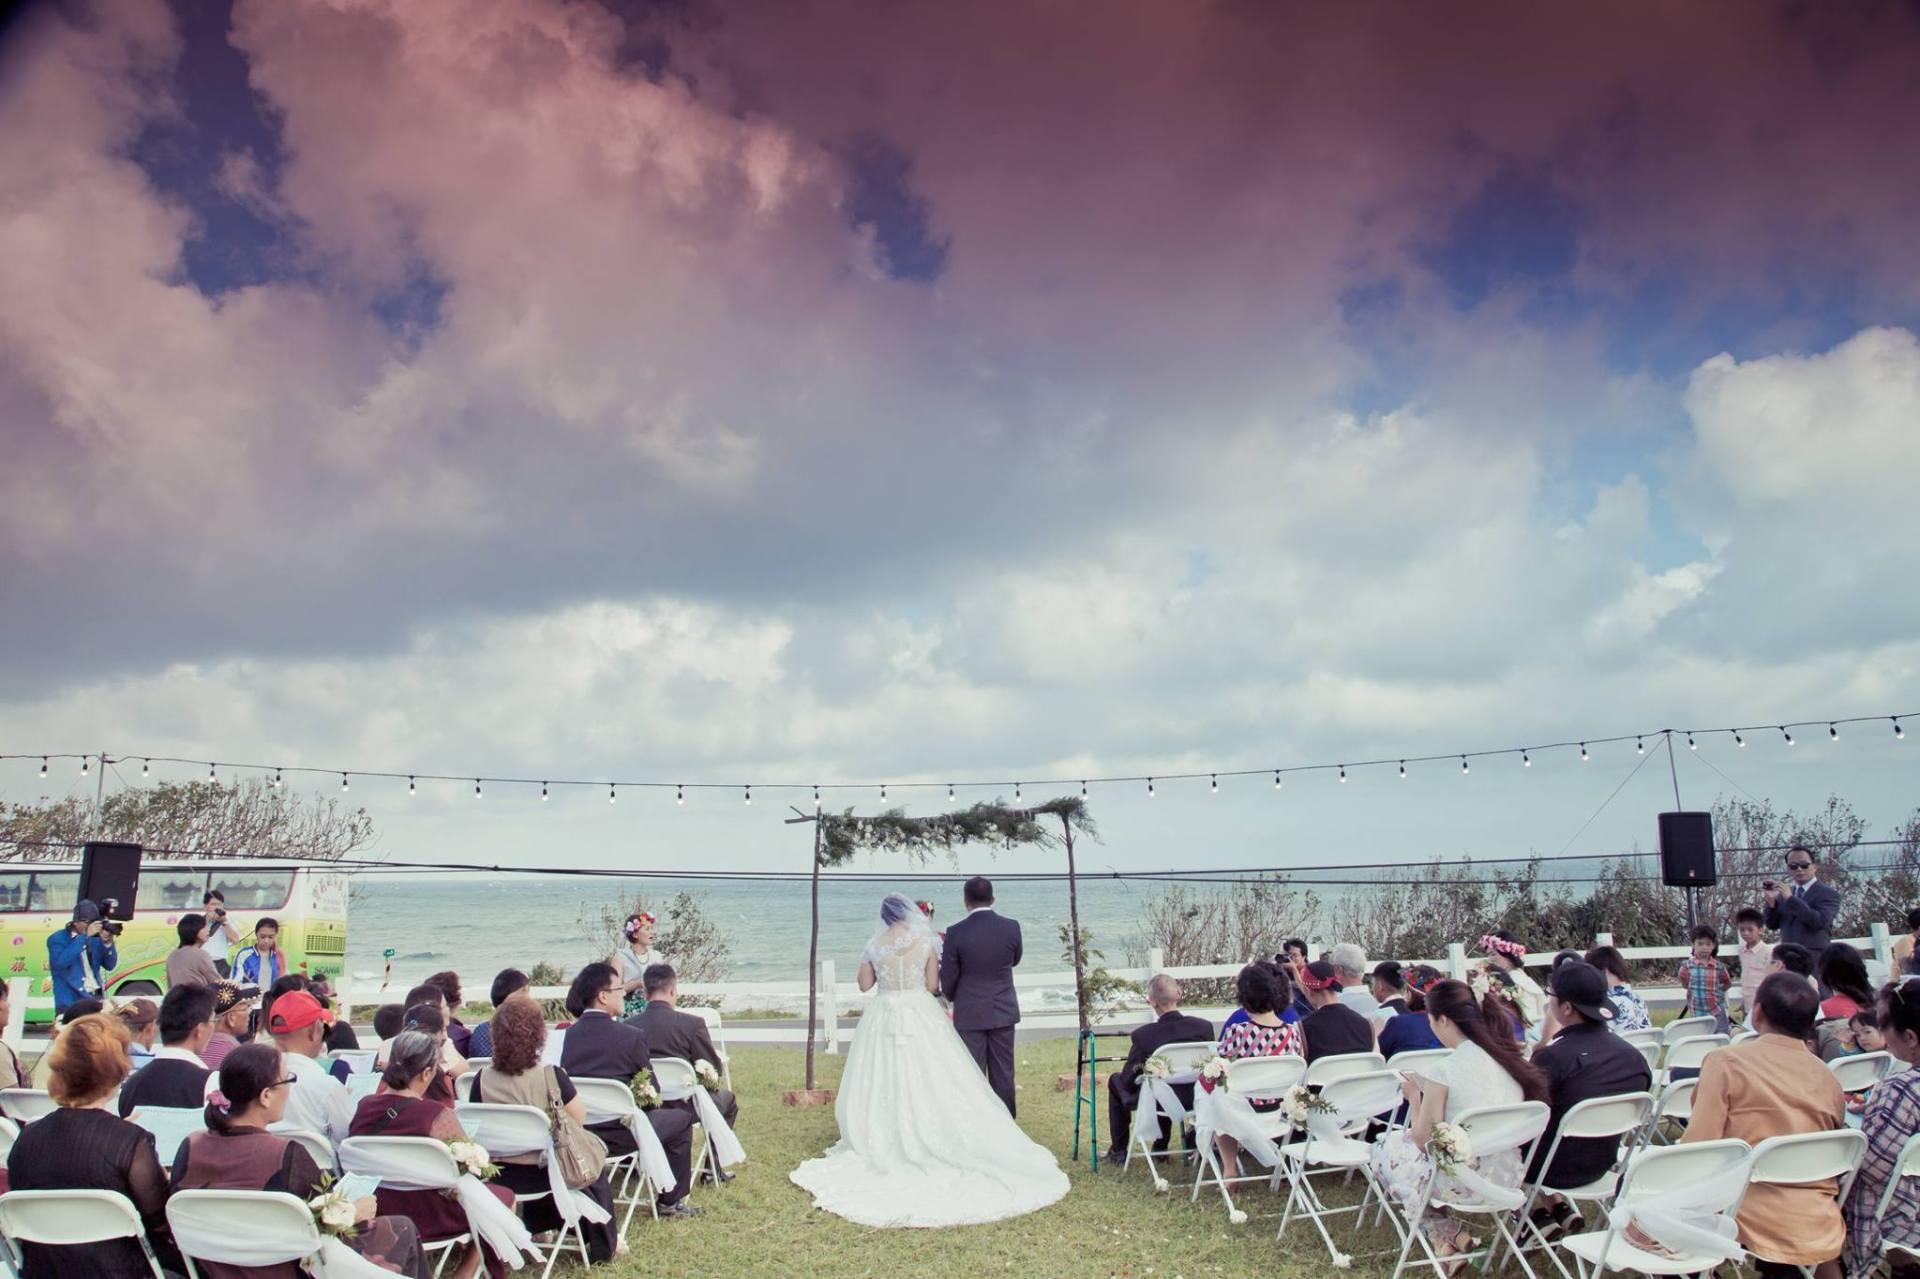 新竹婚攝與婚禮攝影師推薦